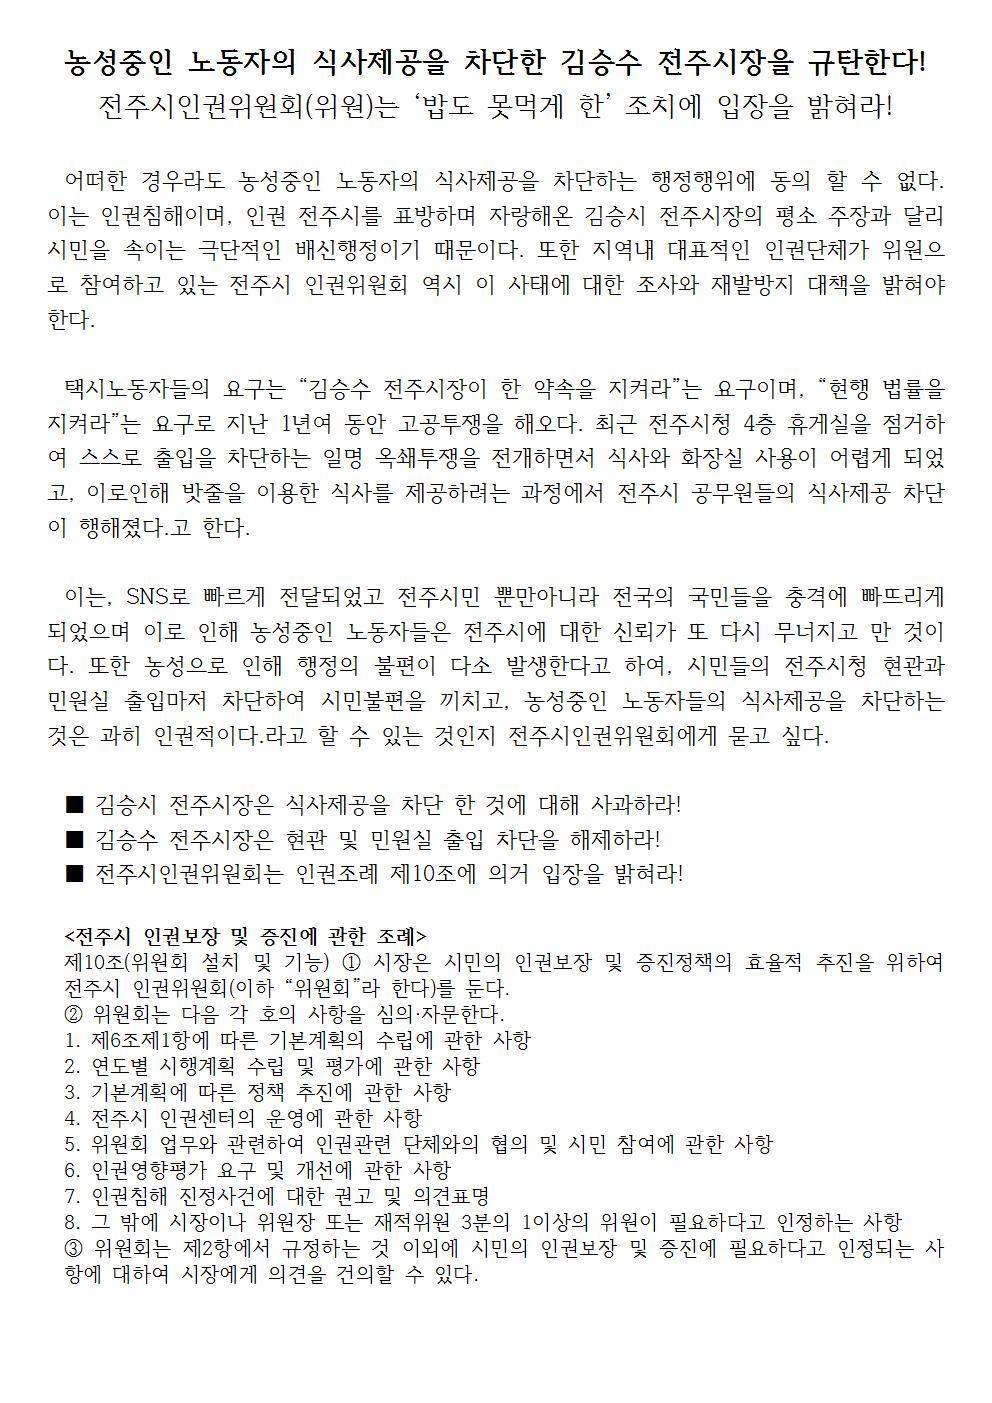 농성중인 노동자의 식사제공을 차단한 김승수 전주시장을 규탄한다001.jpg